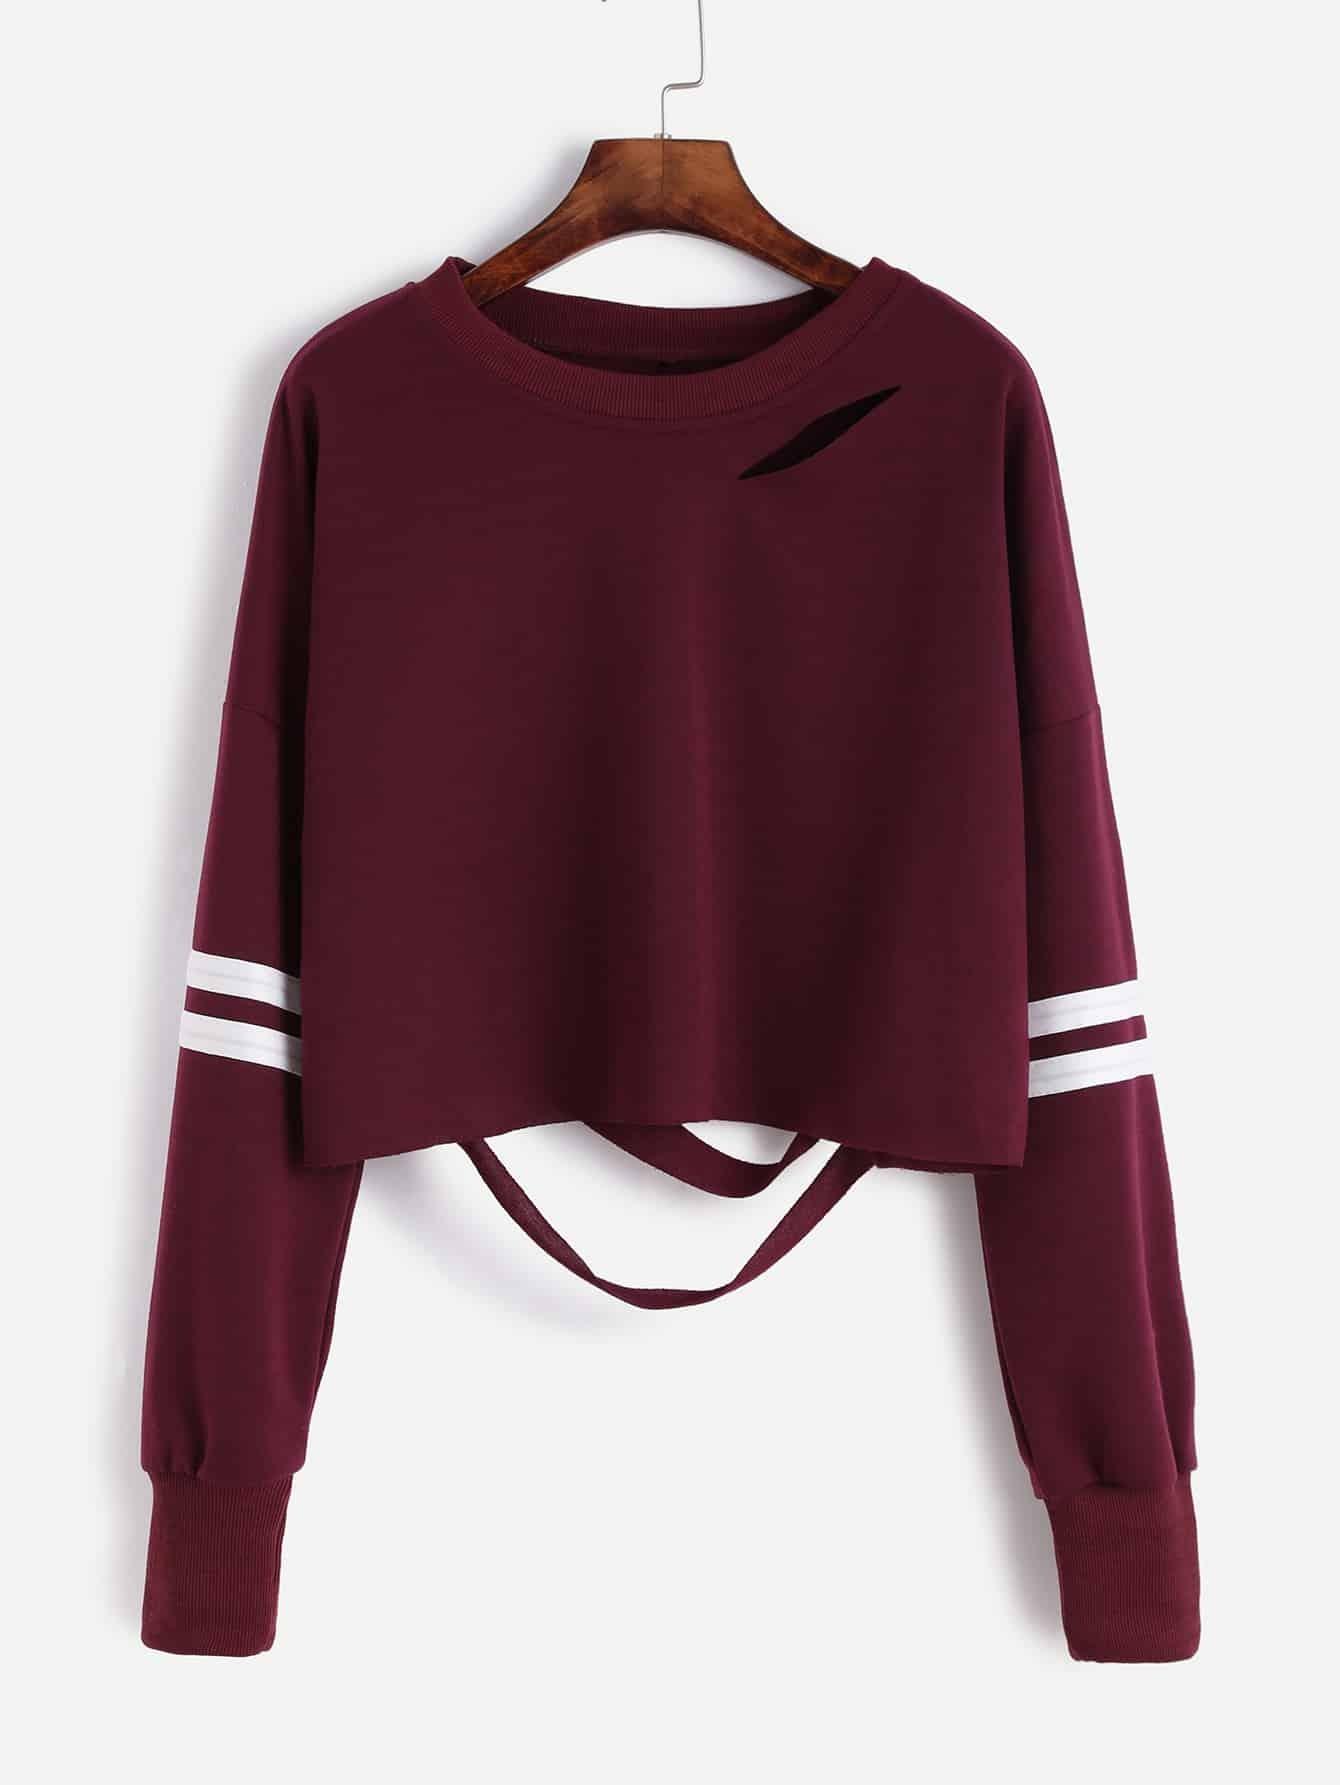 Drop Shoulder Varsity Striped Cutout Crop SweatshirtFor ...